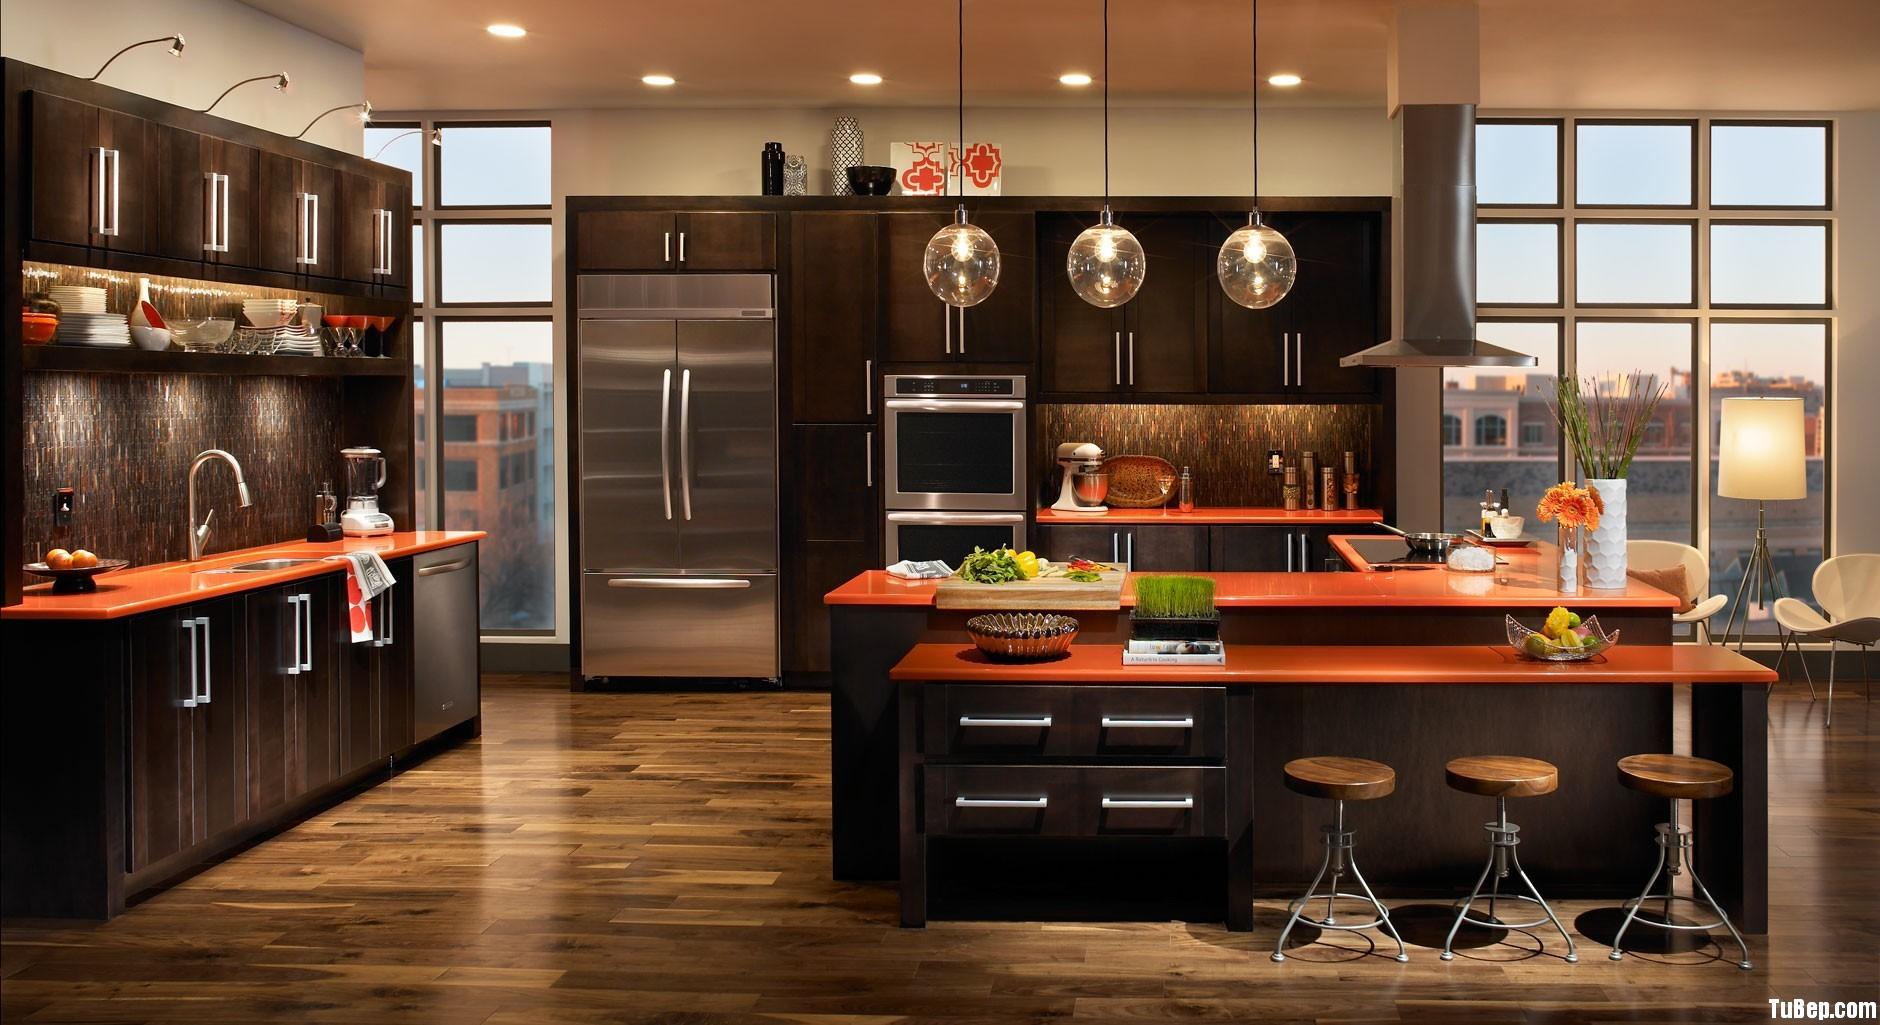 33790d71abn đen.jpg Tủ bếp gỗ tự nhiên sơn men có đảo – TVB0964